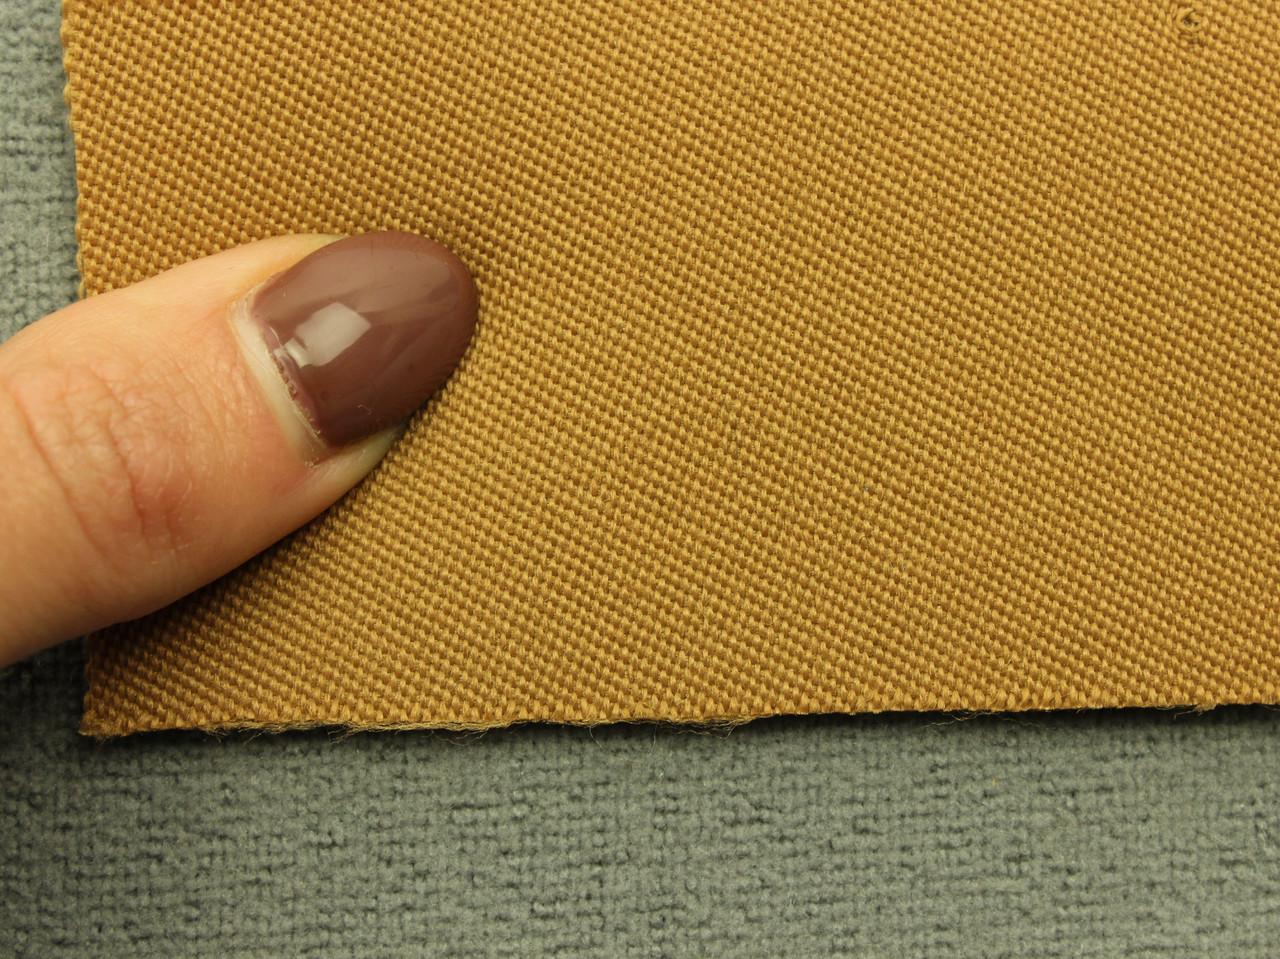 Ткань для сидений автомобиля, цвет бежевый, на поролоне (для боковой части) Германия